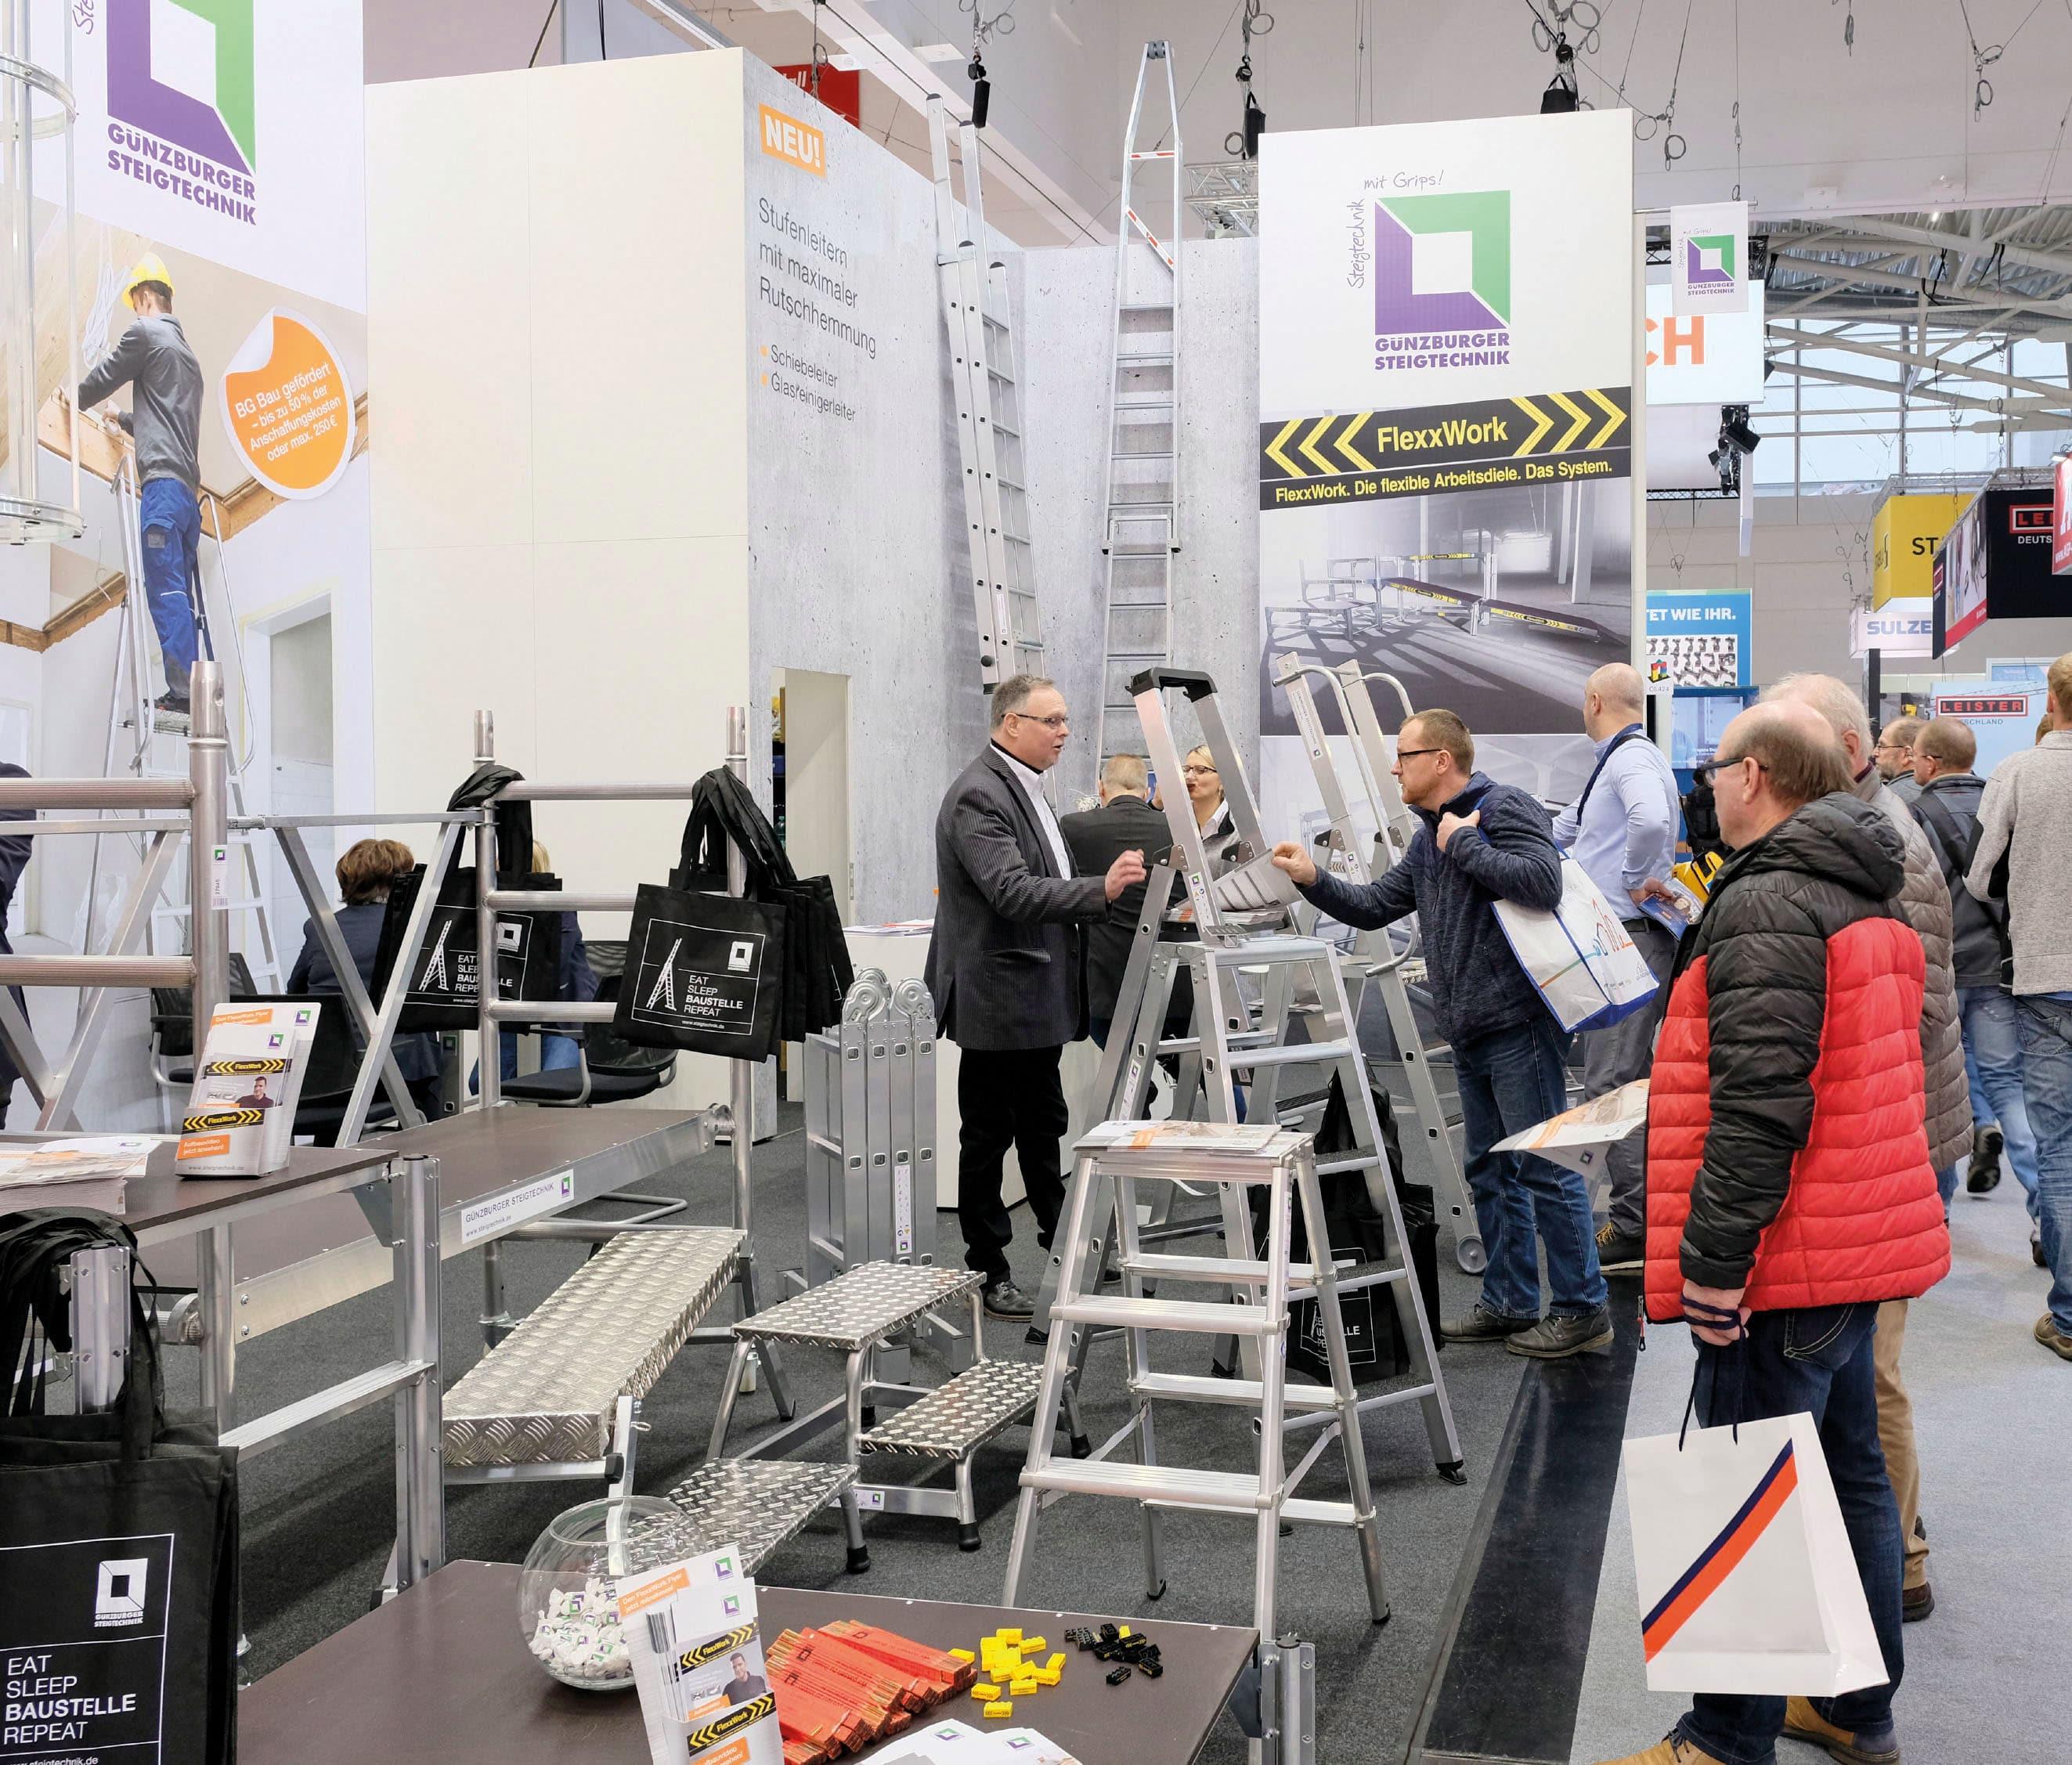 Günzburger Steigtechnik feiert Top-Premiere auf der BAU 2019 – Qualitätshersteller präsentierte sich erstmals auch in München als starker Partner der Baubranche. Neuheiten kommen hervorragend an